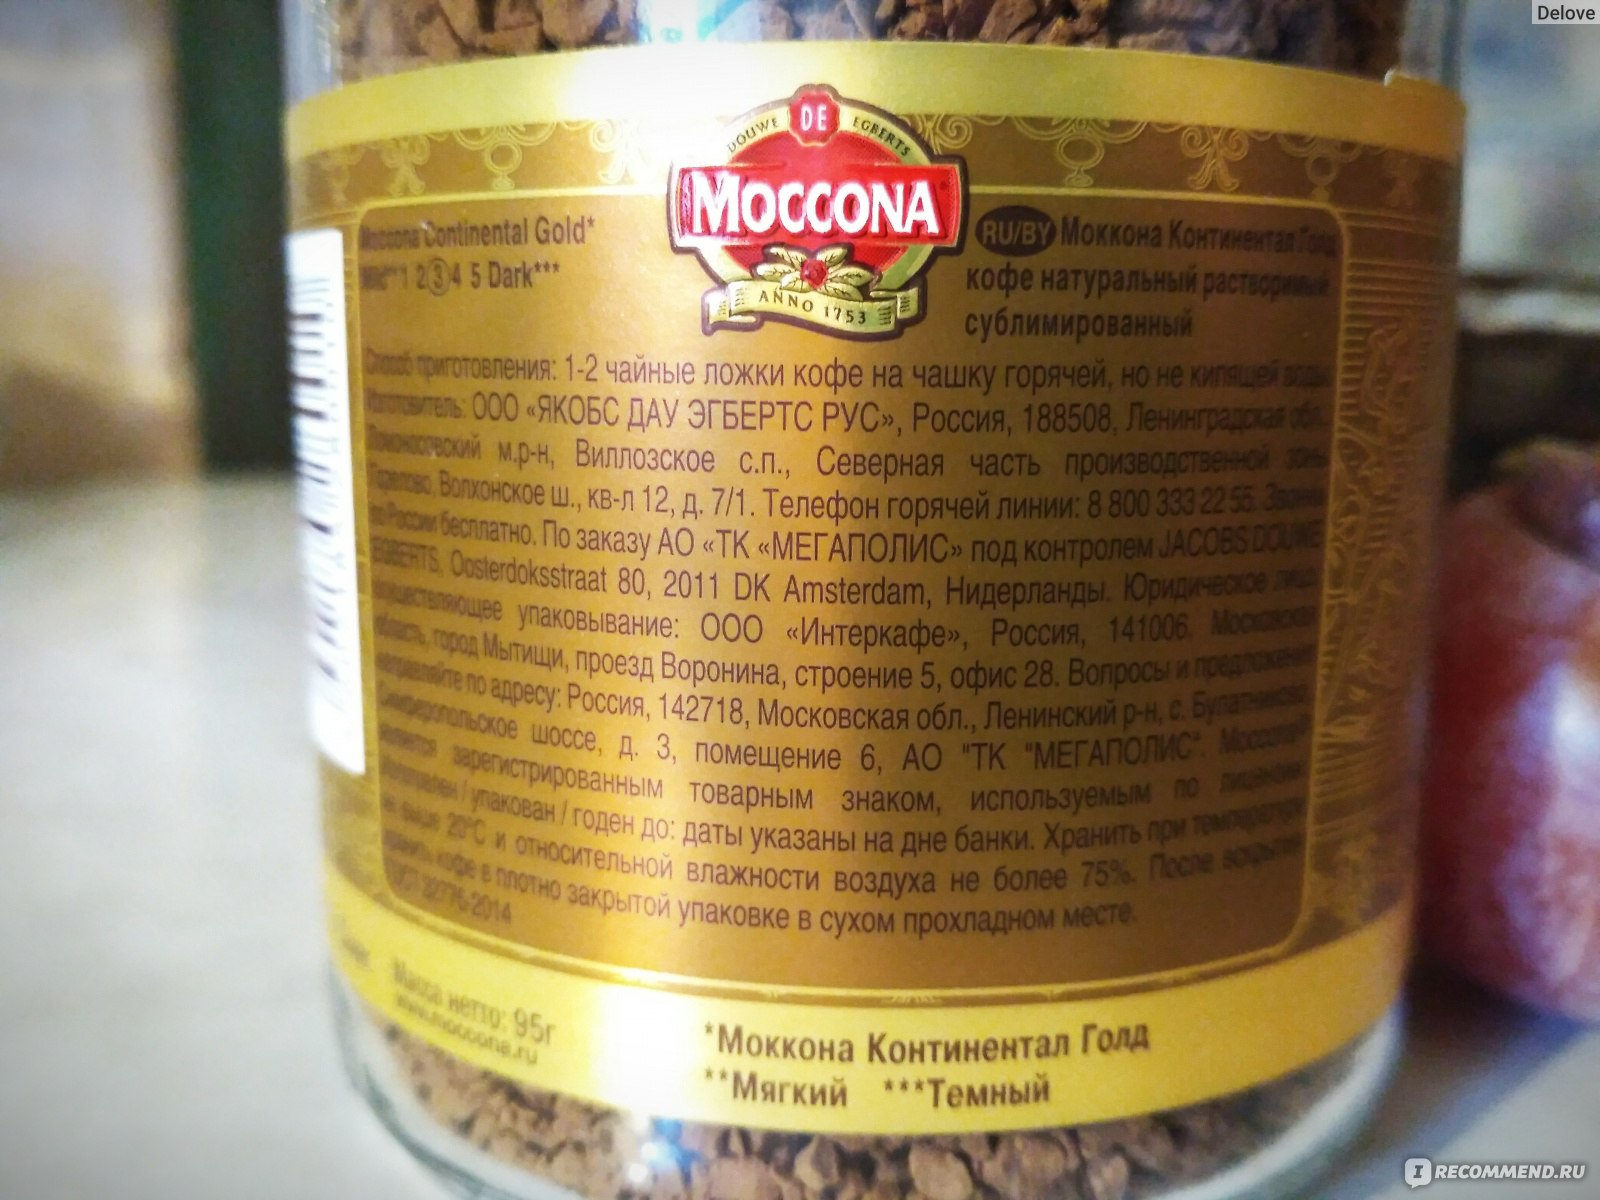 Кофе Moccona